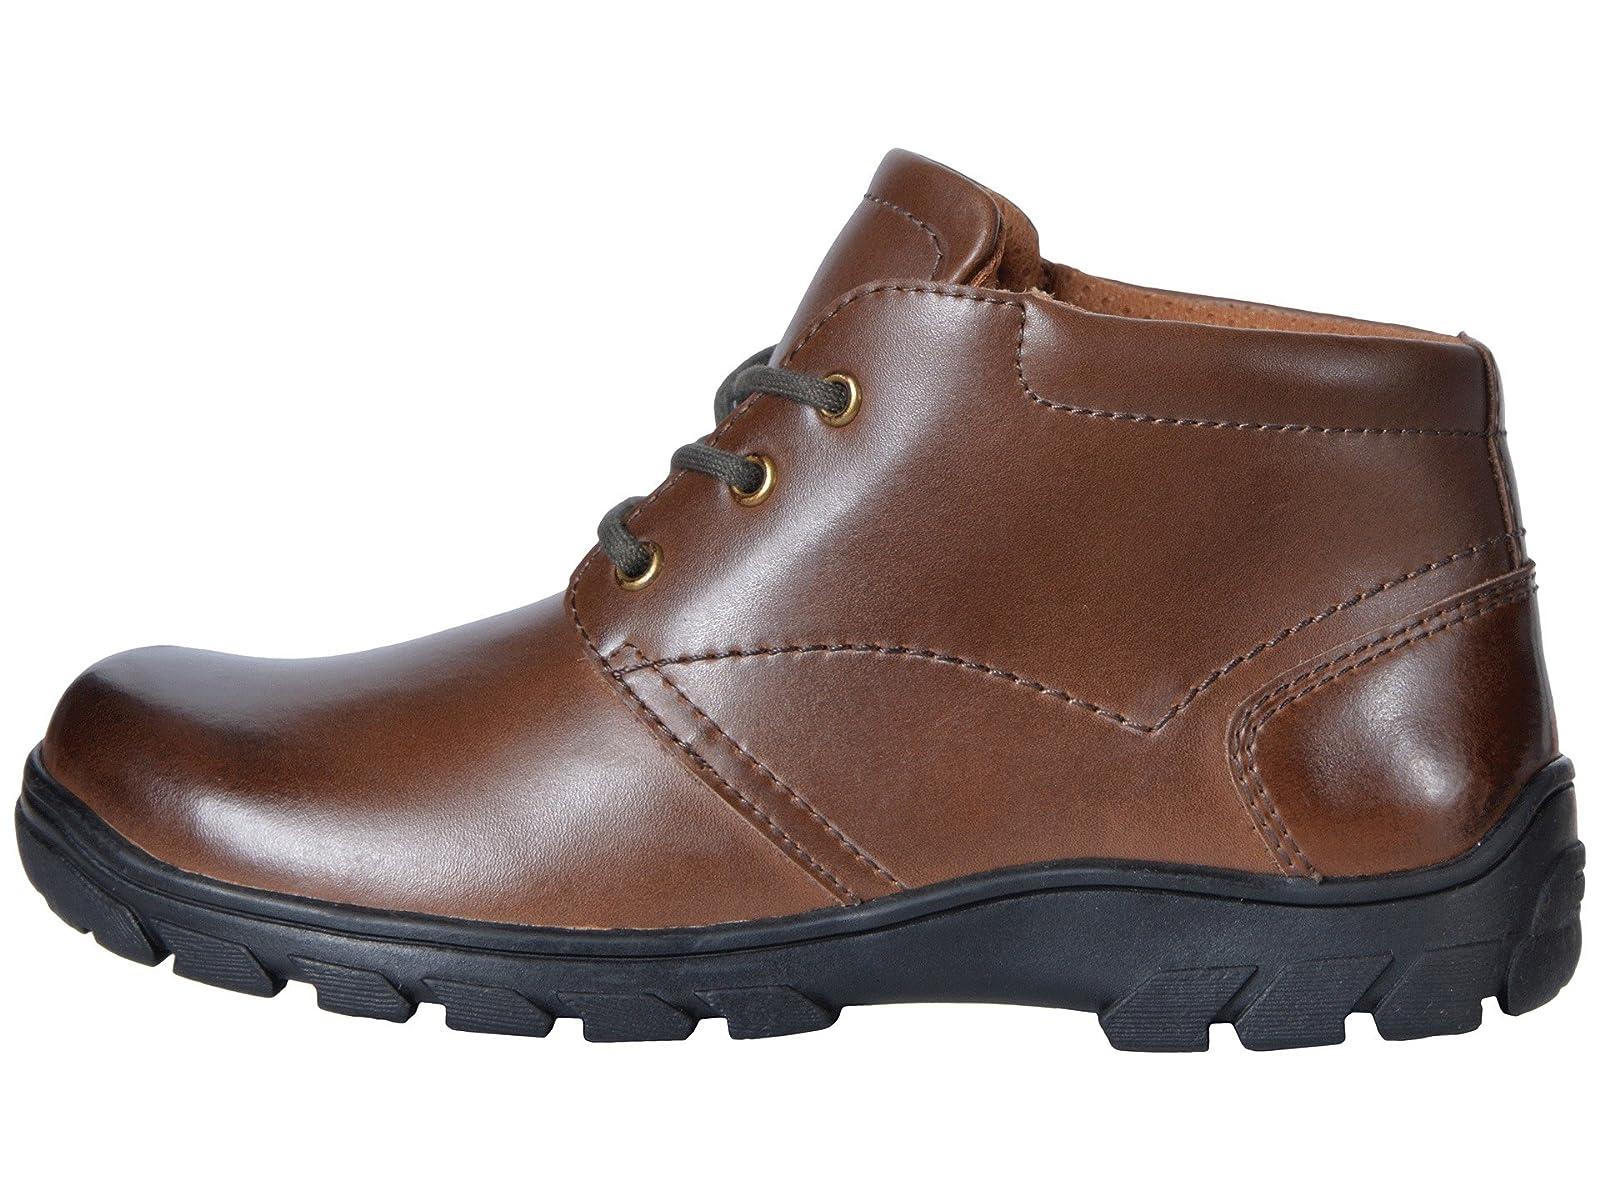 hommes / femmes: florsheim enfants fuite chucka boot, jr. ii enfant (bébé / enfant ii / enfant): belle conception bfdfe8